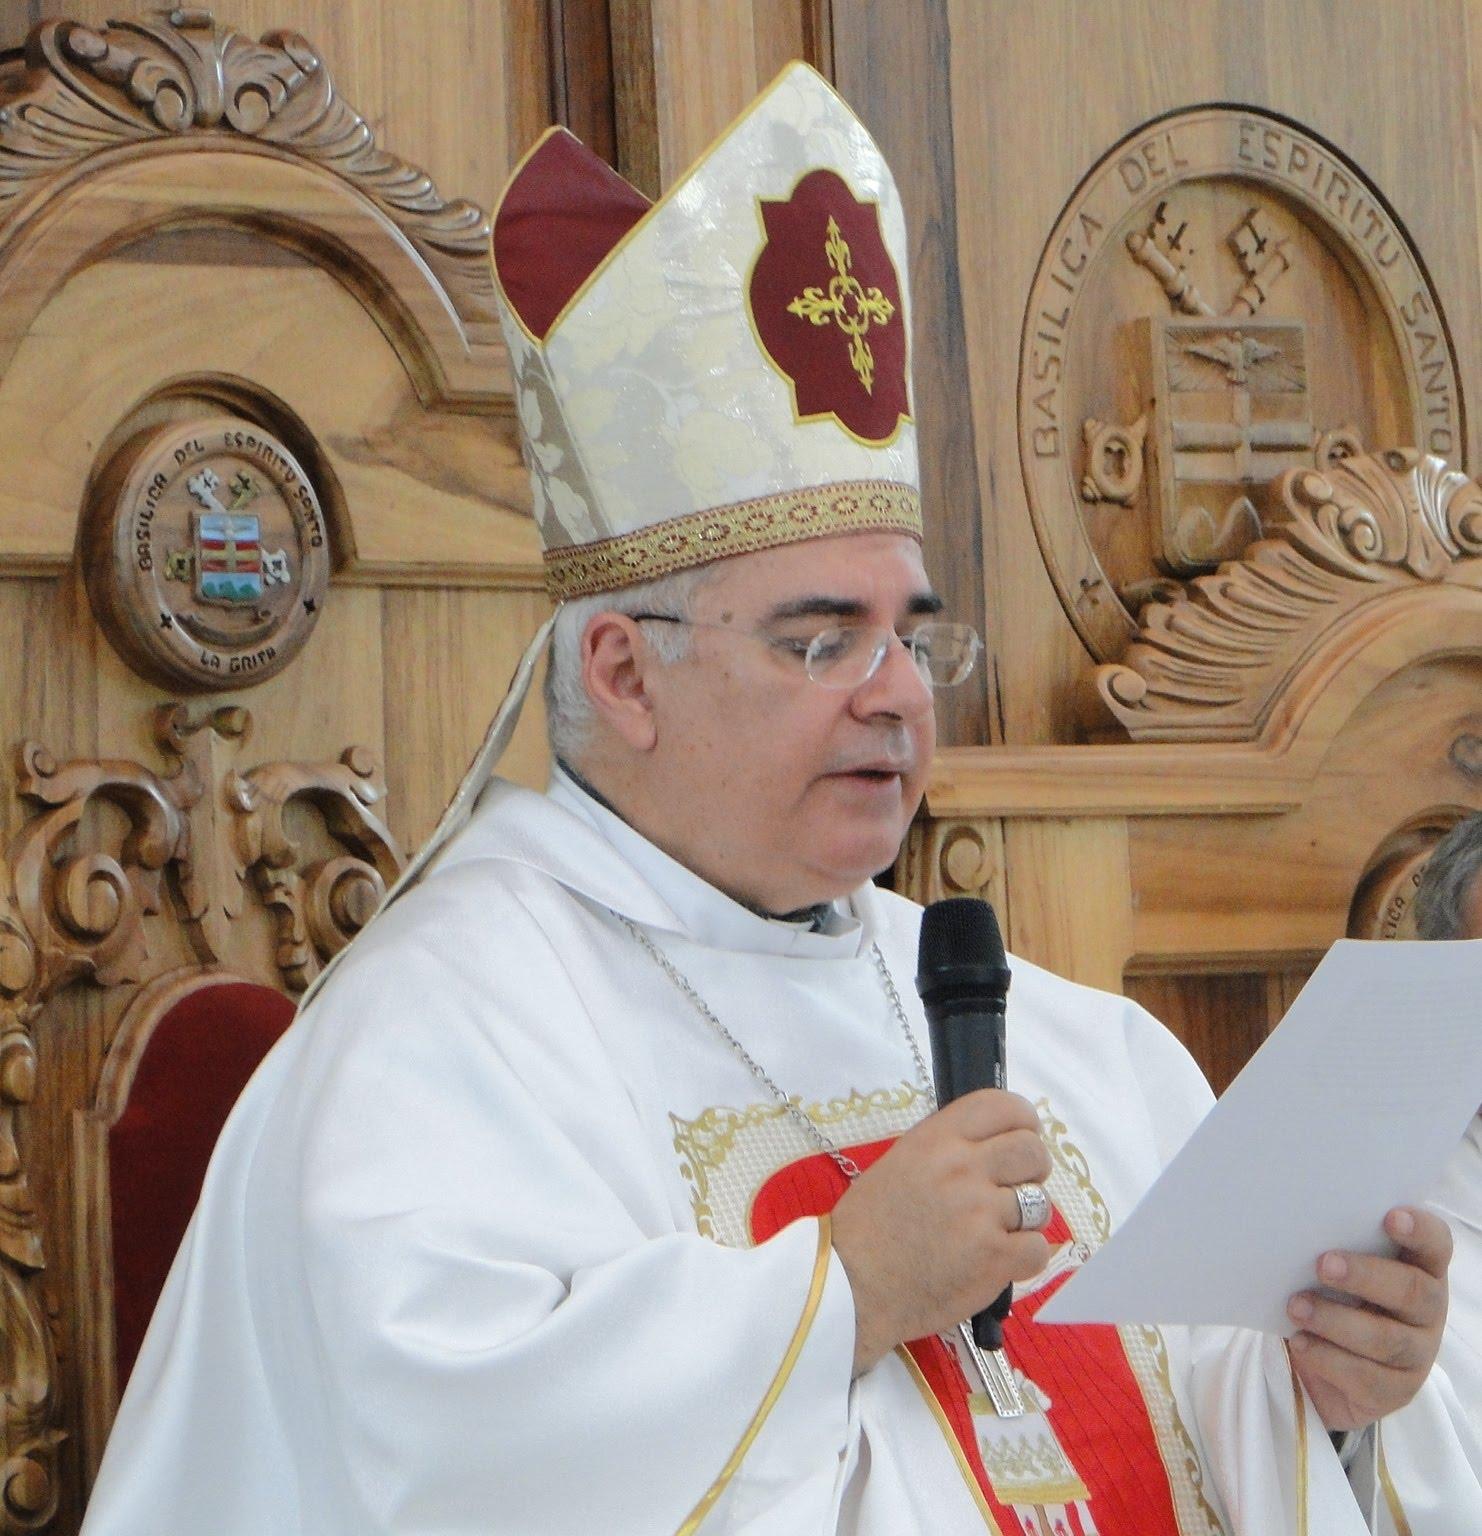 Resultado de imagen para imagen del monseñor obispo mario moronta